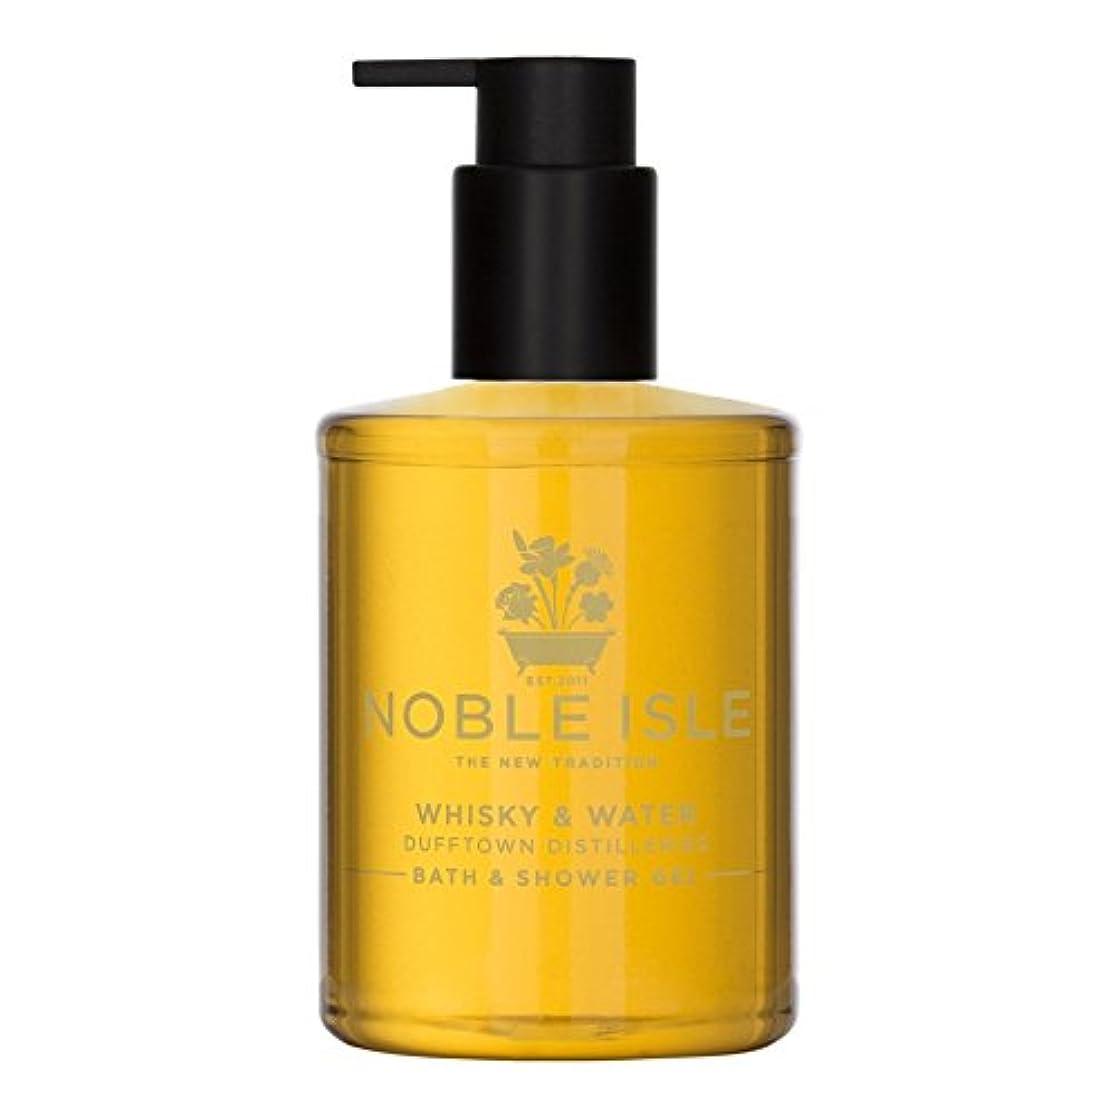 クラウドしっかりジュースNoble Isle Whisky & Water Bath & Shower Gel 250ml - 高貴な島ウイスキー&ウォーターバス&シャワージェル250ミリリットル [並行輸入品]